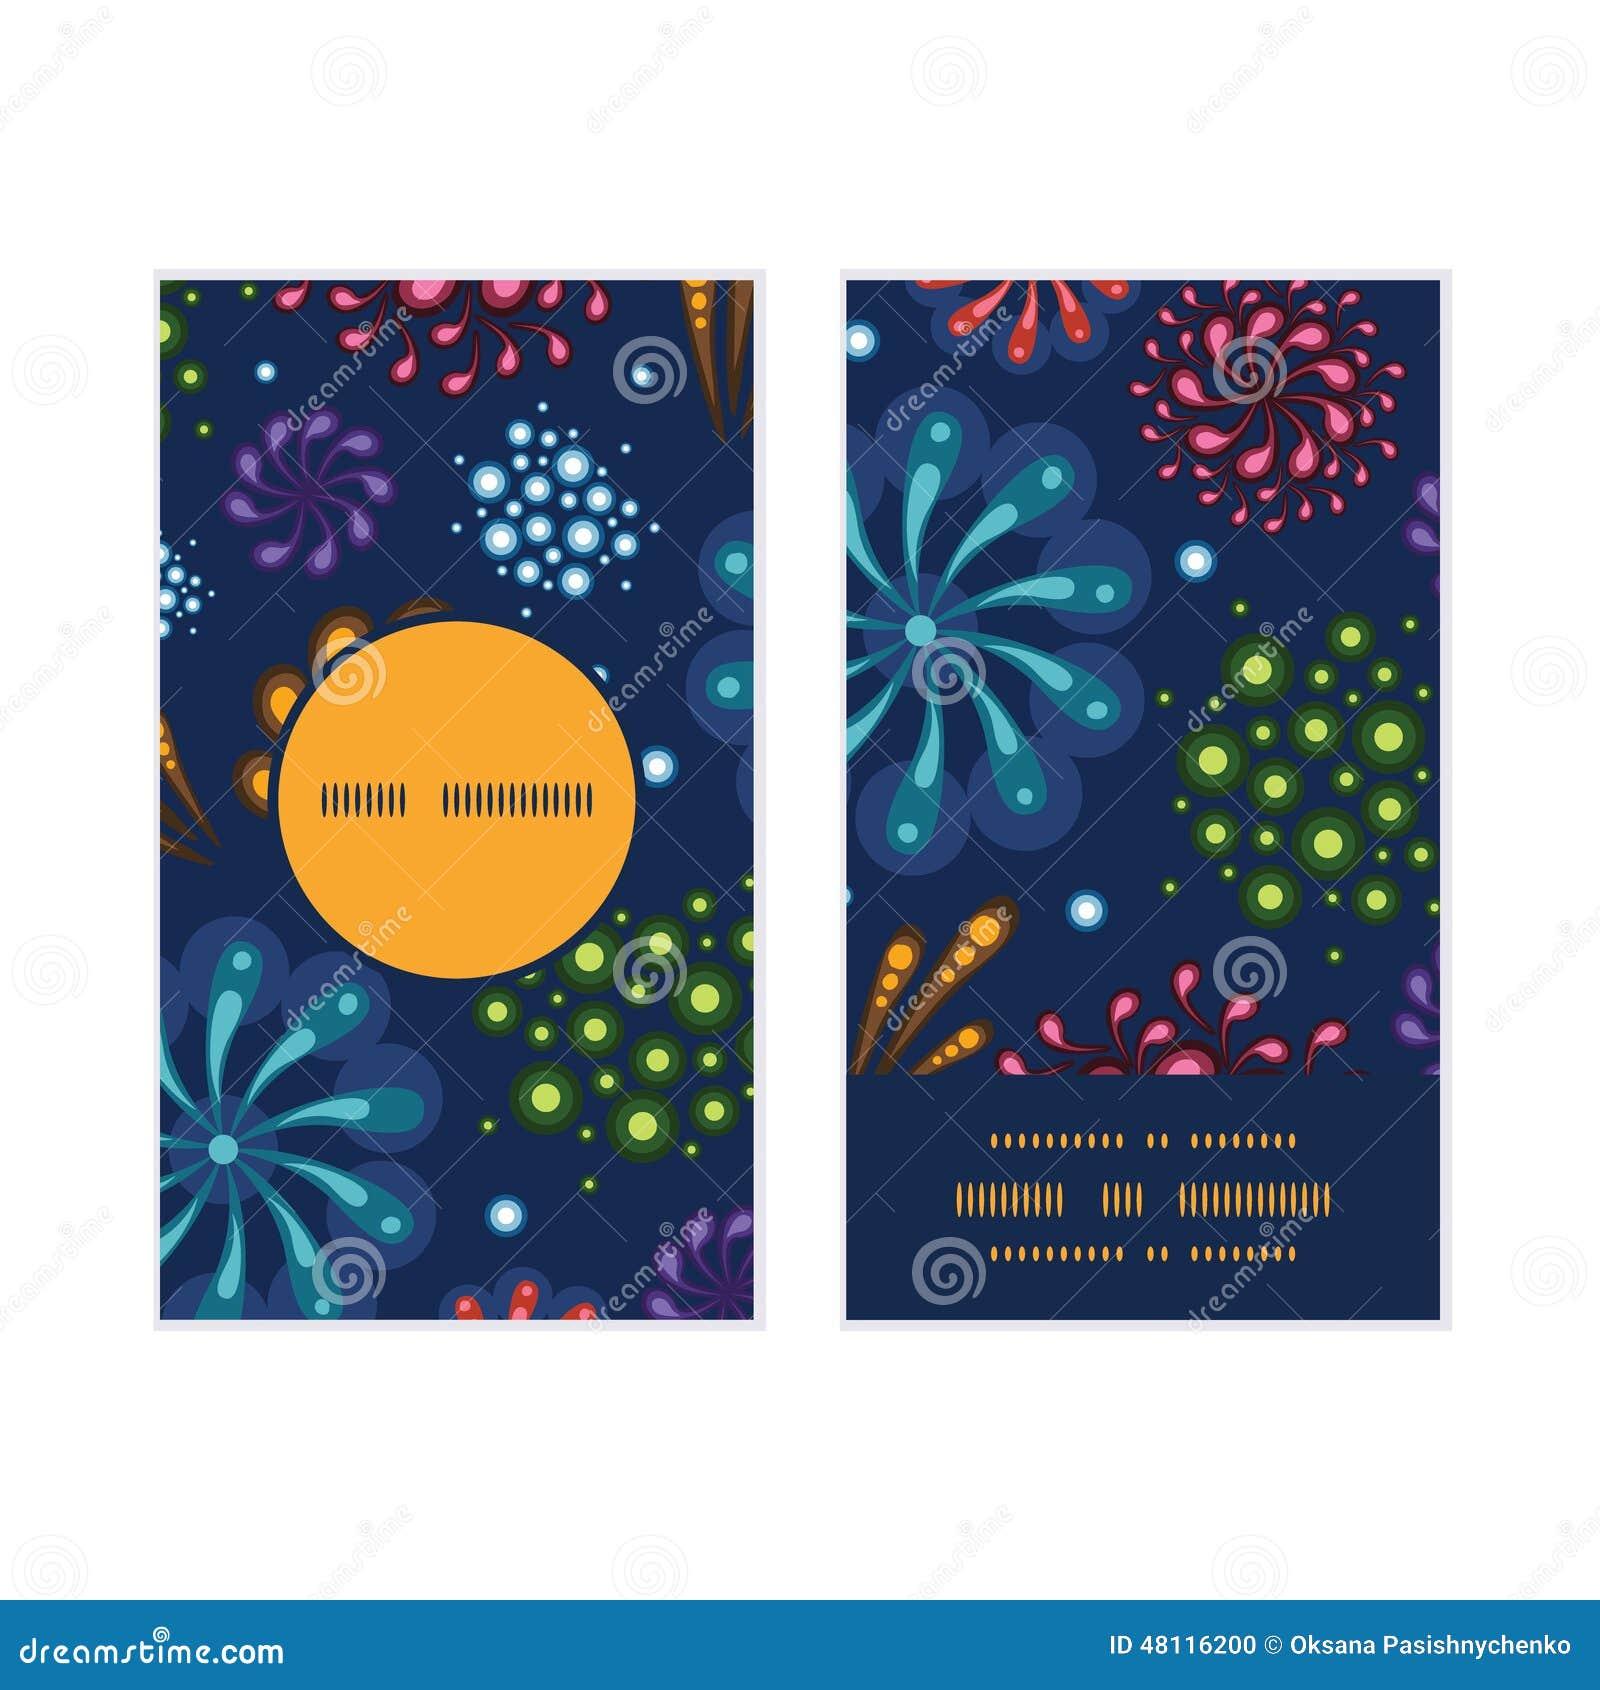 Les Cartes De Visite Professionnelle Rondes Verticales Modle Cadre Feux Dartifice Vacances Vecteur Ont Plac La Conception